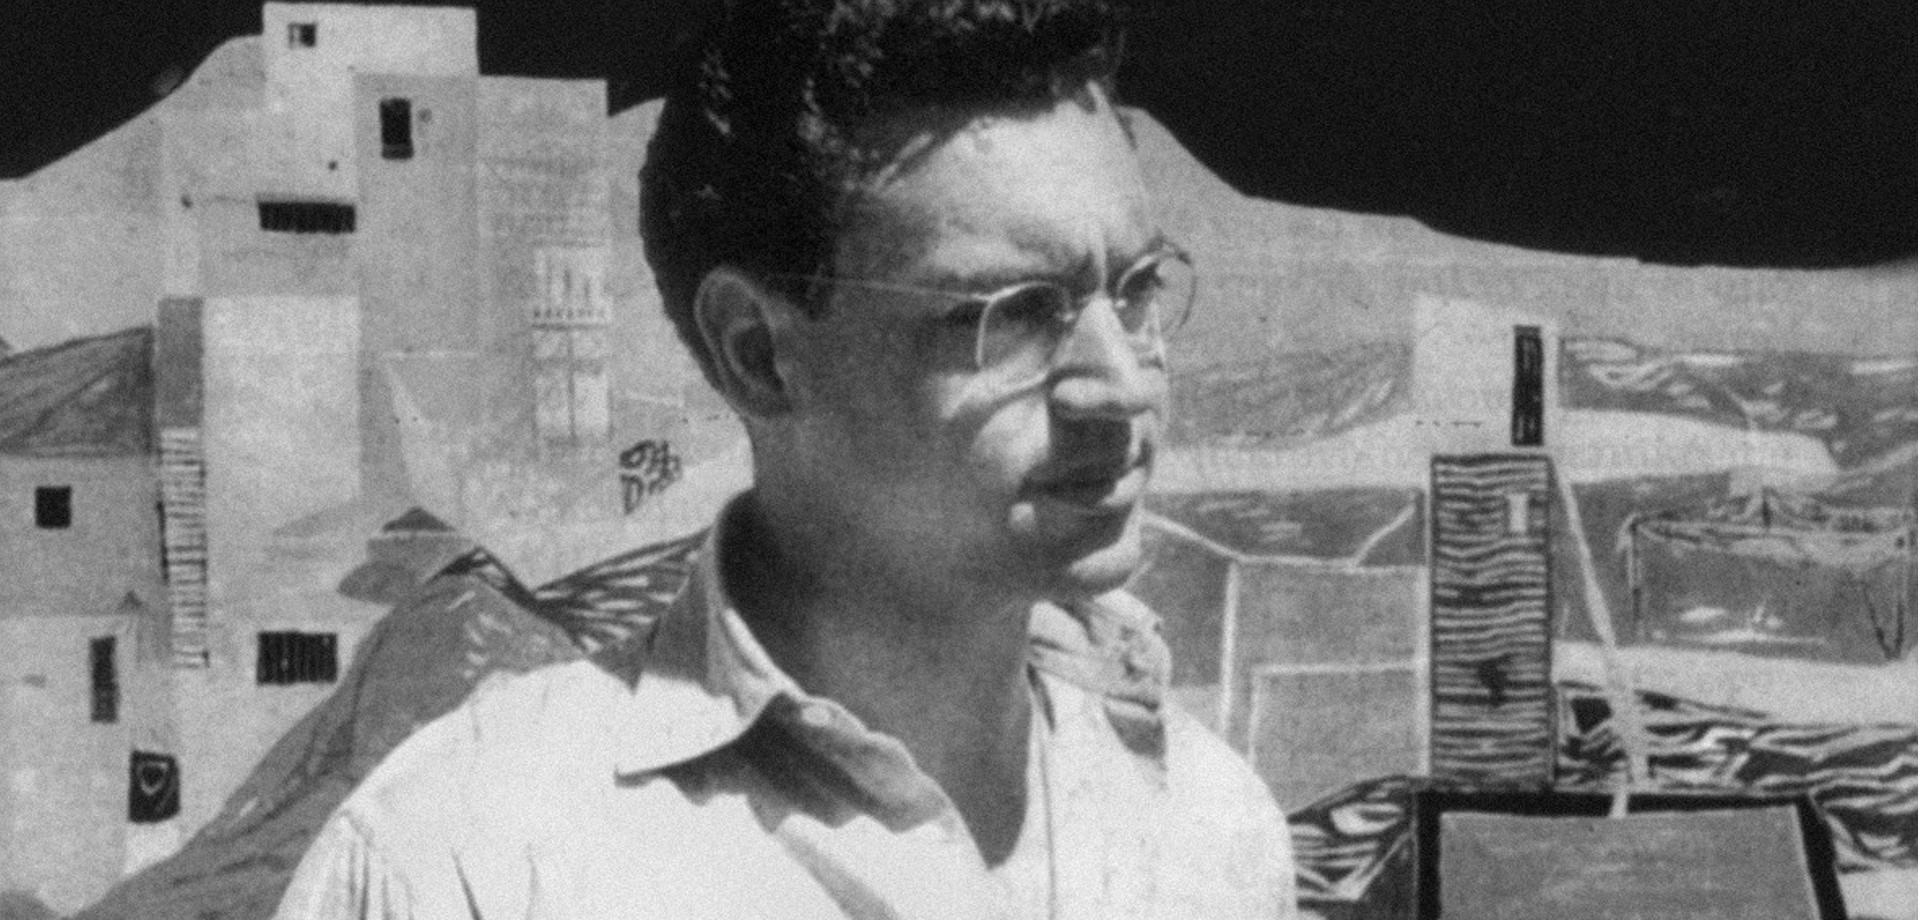 Αποτέλεσμα εικόνας για Δημήτρης Α. Φατούρος Εικαστική Δίοδος Αρχείο 1966